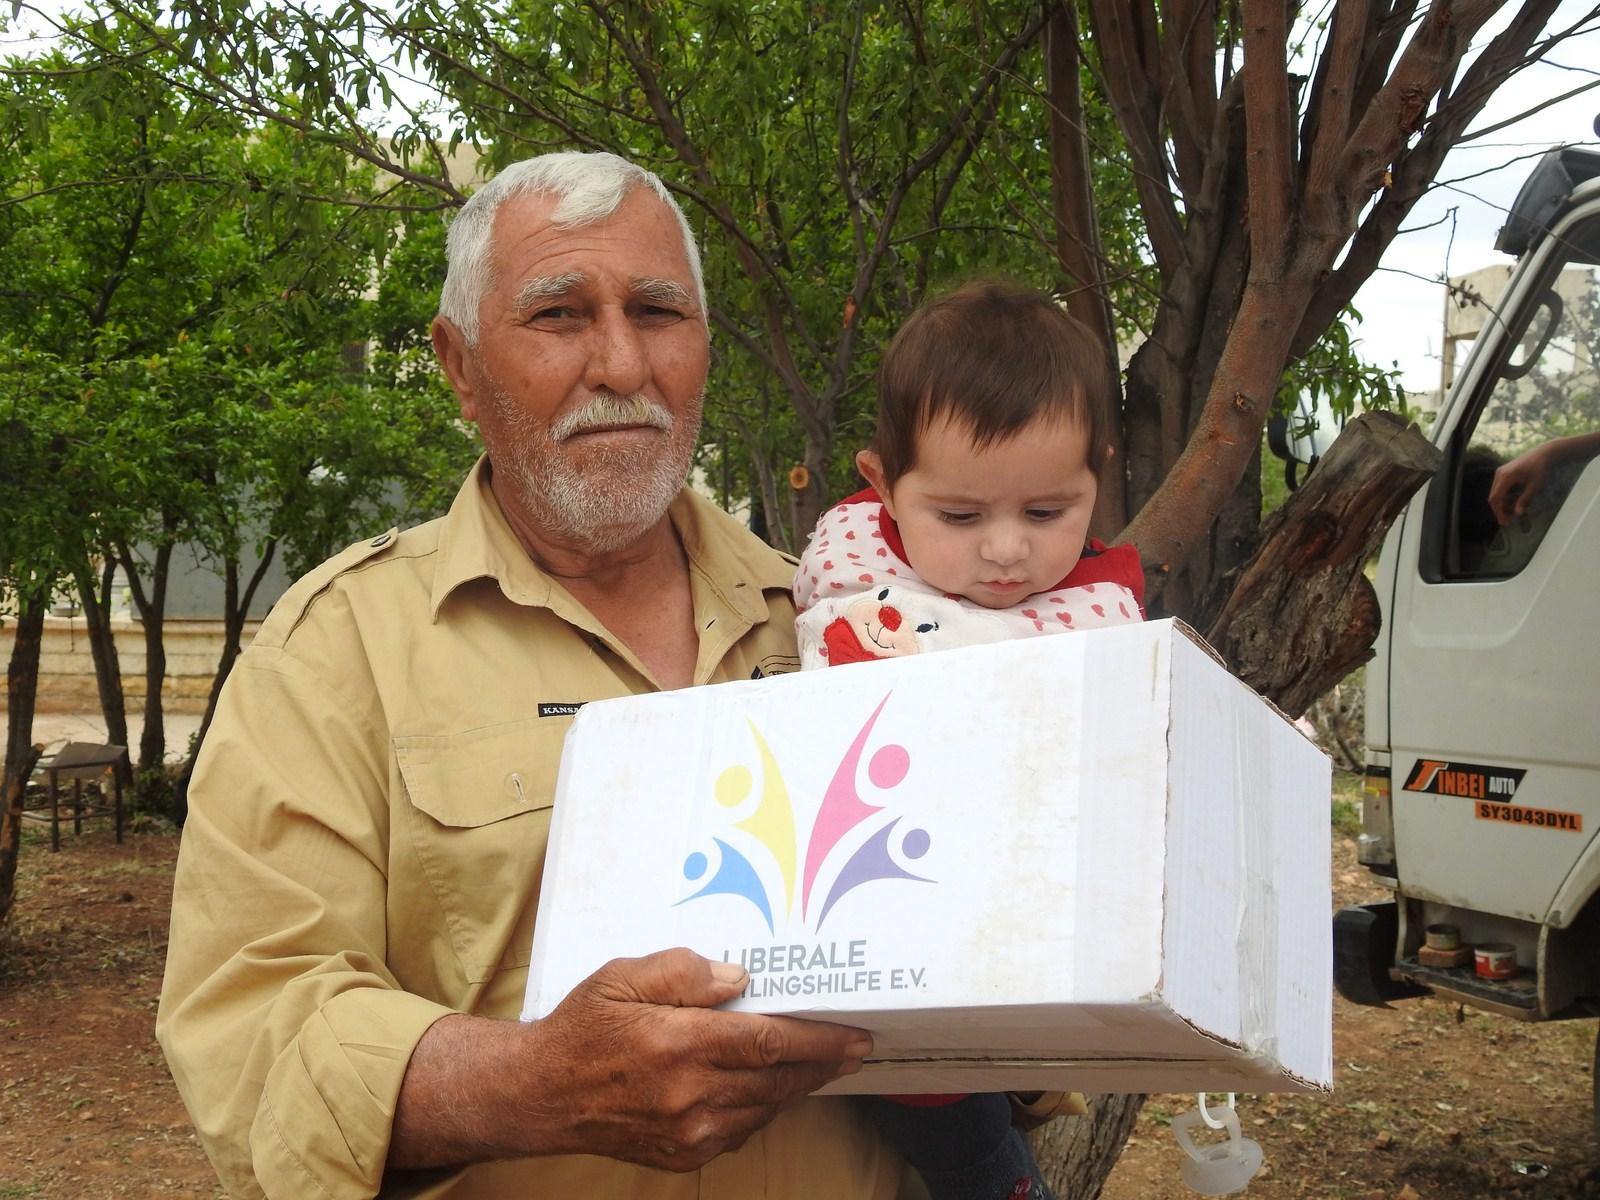 الهلال الأحمر الكردي بالتنسيق مع منظمة LIBERALE يوزعون المساعدات على الإيزيديين